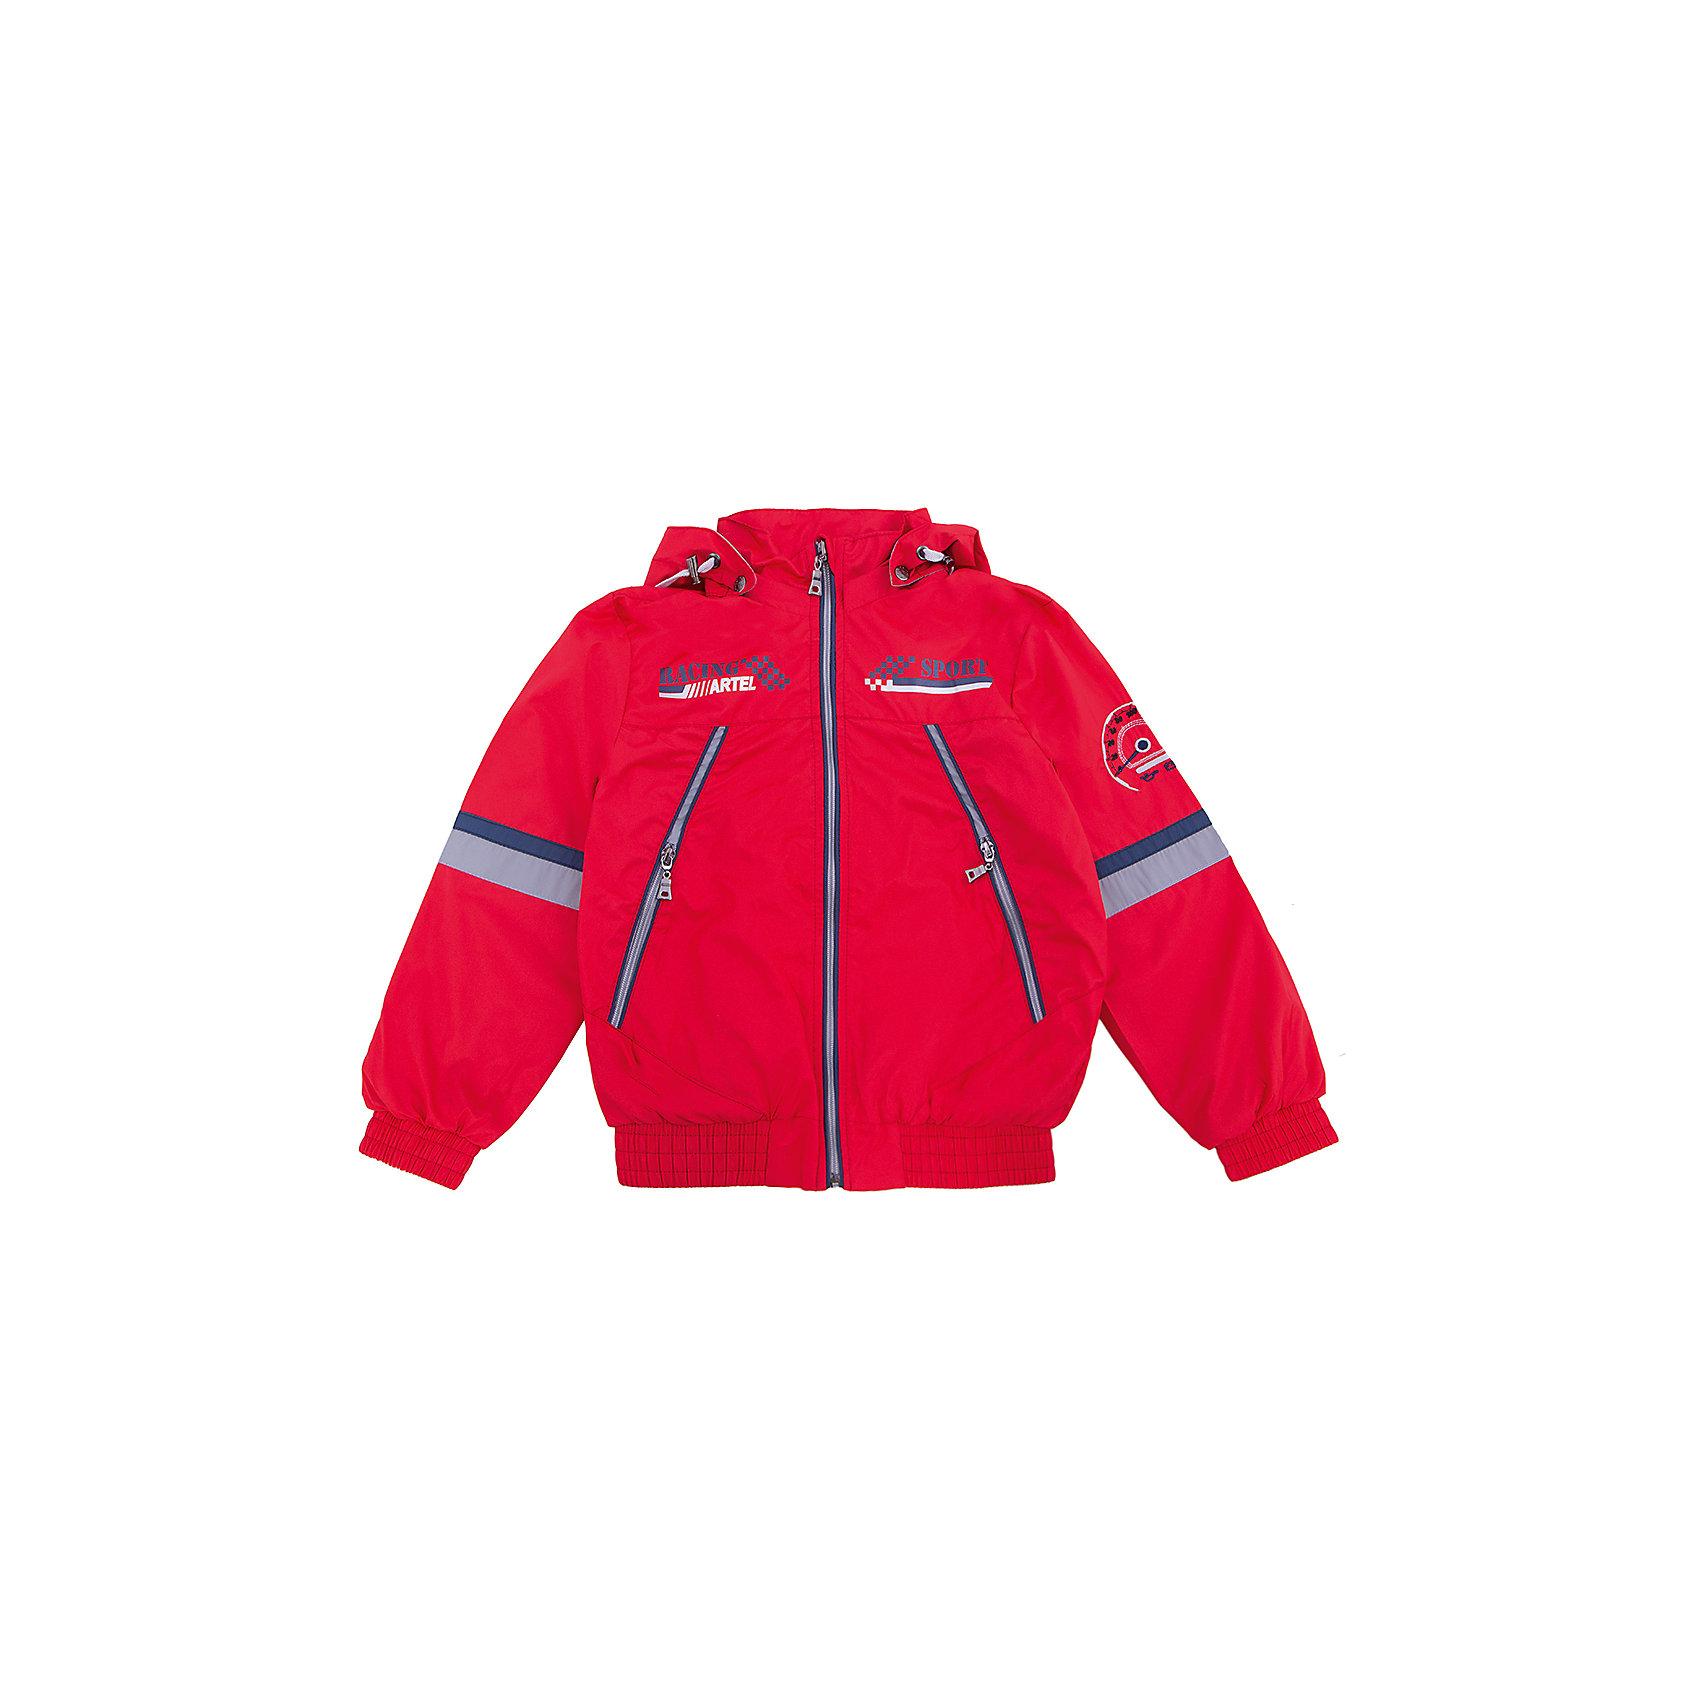 Ветровка для мальчика АртельВетровка для мальчика от торговой марки Артель &#13;<br>&#13;<br>Модная легкая куртка отлично подойдет для прогулок в прохладную погоду. Изделие выполнено из качественных материалов, имеет удобные карманы и капюшон. <br>Одежда от бренда Артель – это высокое качество по приемлемой цене и всегда продуманный дизайн. &#13;<br>&#13;<br>Особенности модели: &#13;<br>- цвет - красный;&#13;<br>- наличие карманов;&#13;<br>- наличие капюшона;&#13;<br>- низ и манжеты на резинках;&#13;<br>- декорирована вышивкой и принтом;&#13;<br>- застежка-молния.&#13;<br>&#13;<br>Дополнительная информация:&#13;<br>&#13;<br>Состав: &#13;<br>- верх: PRINC;&#13;<br>- подкладка: тиси.&#13;<br>&#13;<br>Температурный режим: &#13;<br>от +10 °C до +20 °C&#13;<br>&#13;<br>Ветровку для мальчика Артель (Artel) можно купить в нашем магазине.<br><br>Ширина мм: 356<br>Глубина мм: 10<br>Высота мм: 245<br>Вес г: 519<br>Цвет: красный<br>Возраст от месяцев: 84<br>Возраст до месяцев: 96<br>Пол: Мужской<br>Возраст: Детский<br>Размер: 128,140,134,146<br>SKU: 4496164